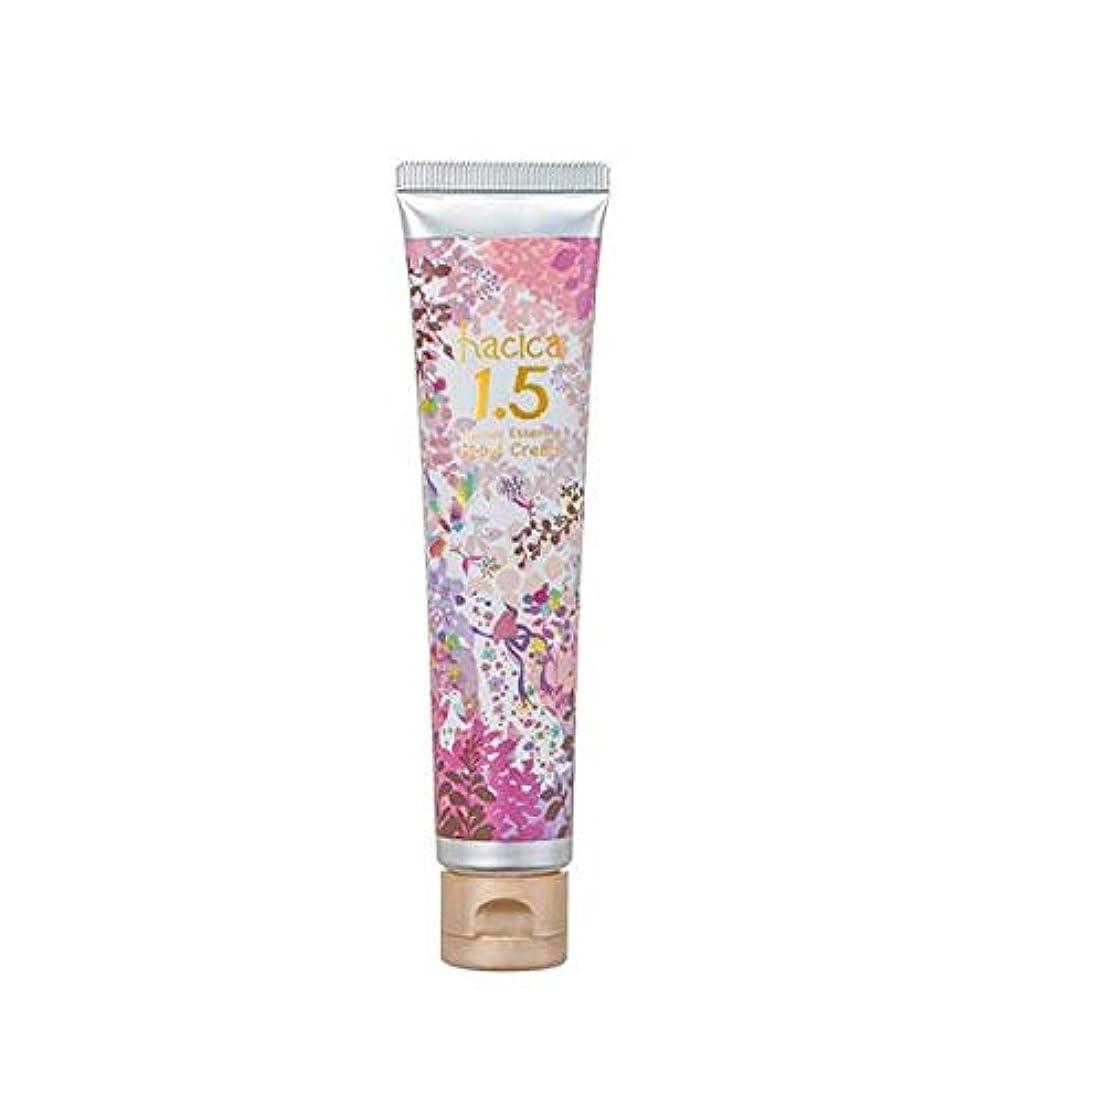 早めるかもしれない政令ハチカ ハニーエッセンス ハンドクリーム 1.5 フルーティハニーの香り 40g